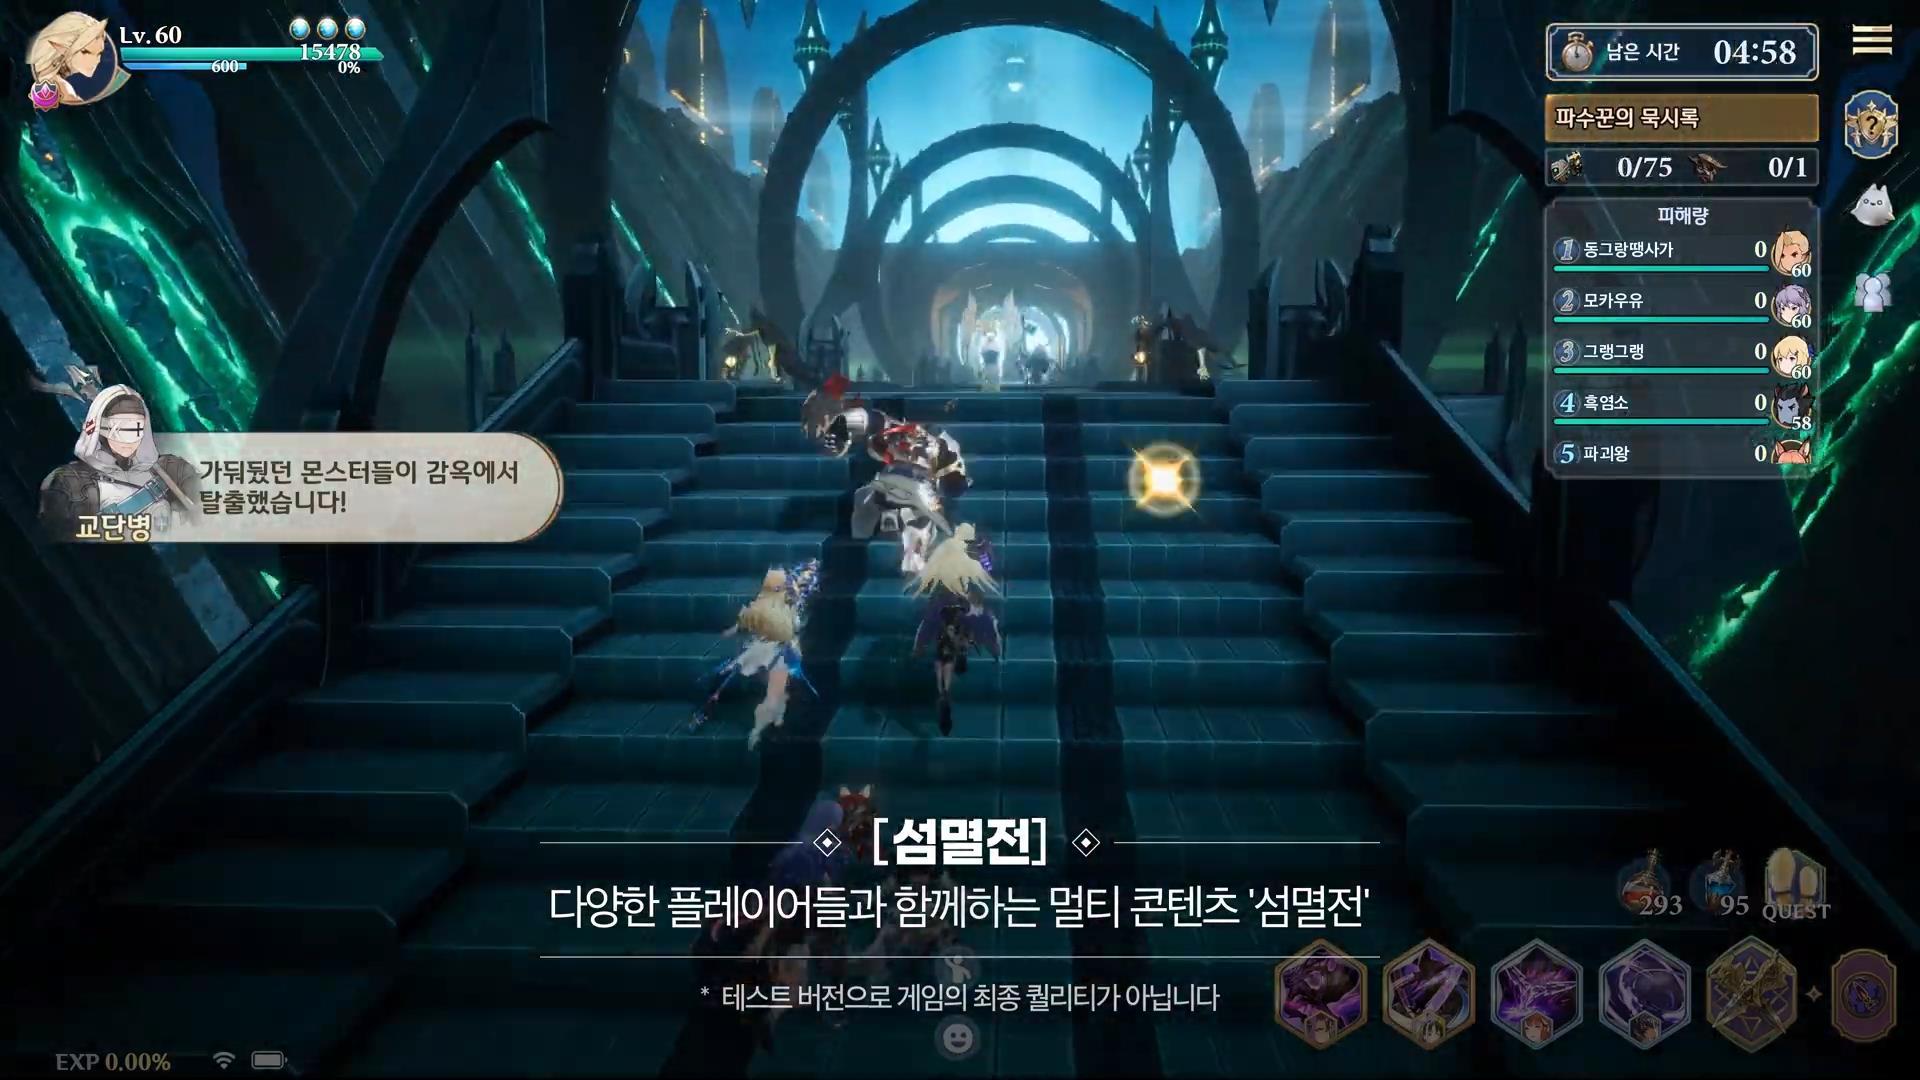 韩国MMORPG《Gran Saga》新预告 1月26日上市 第3张